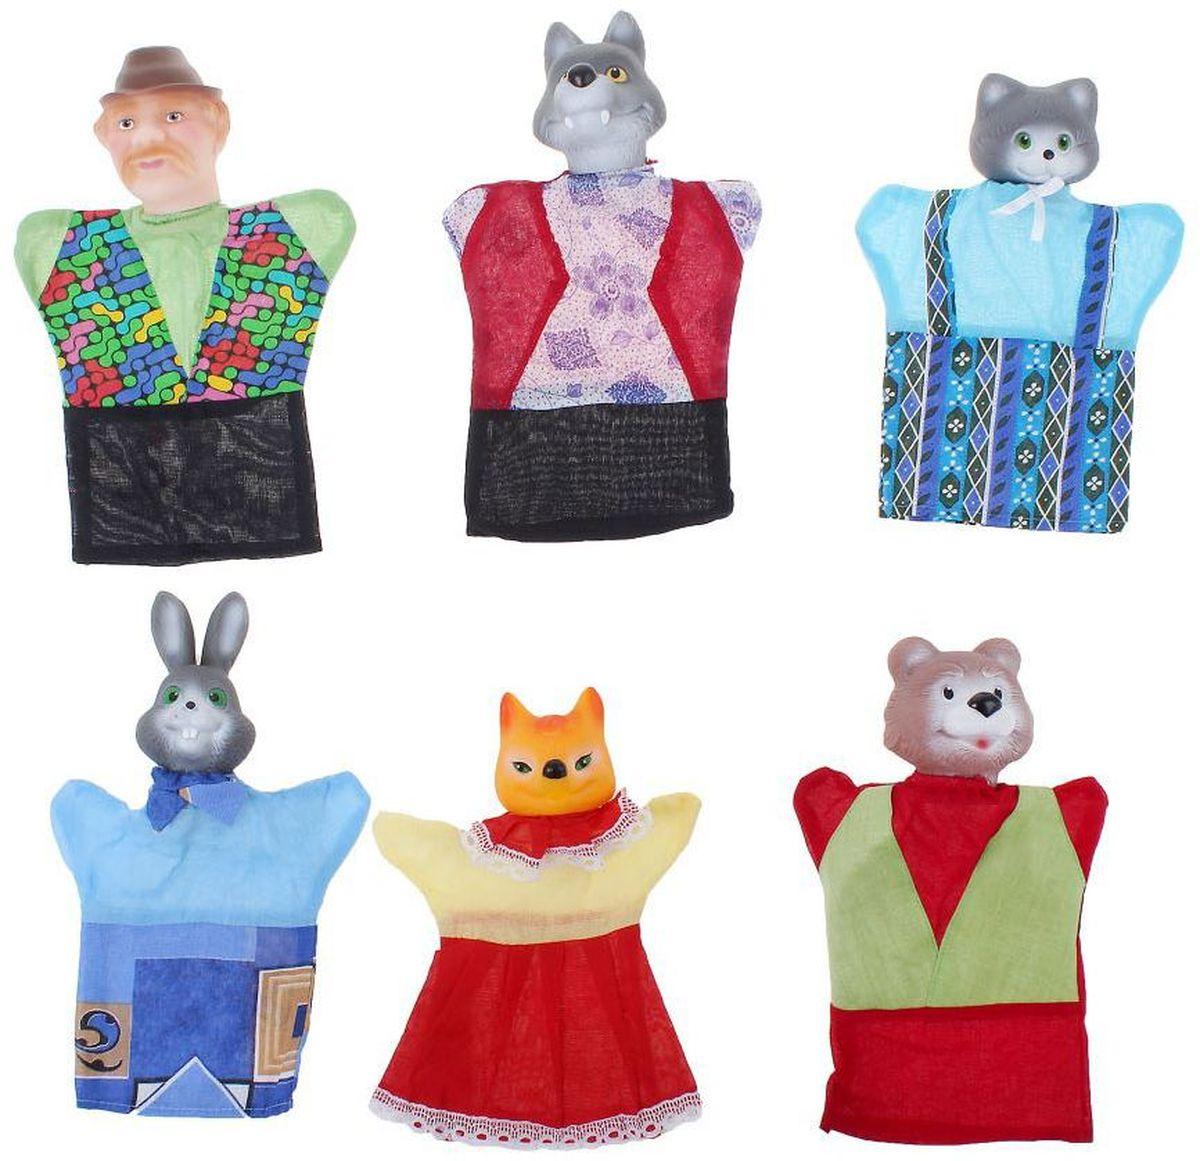 Sima-land Кукольный театр Кот и лиса 6 персонажей 490121 sima land набор мягких игрушек на руку теремок 6 персонажей 477058